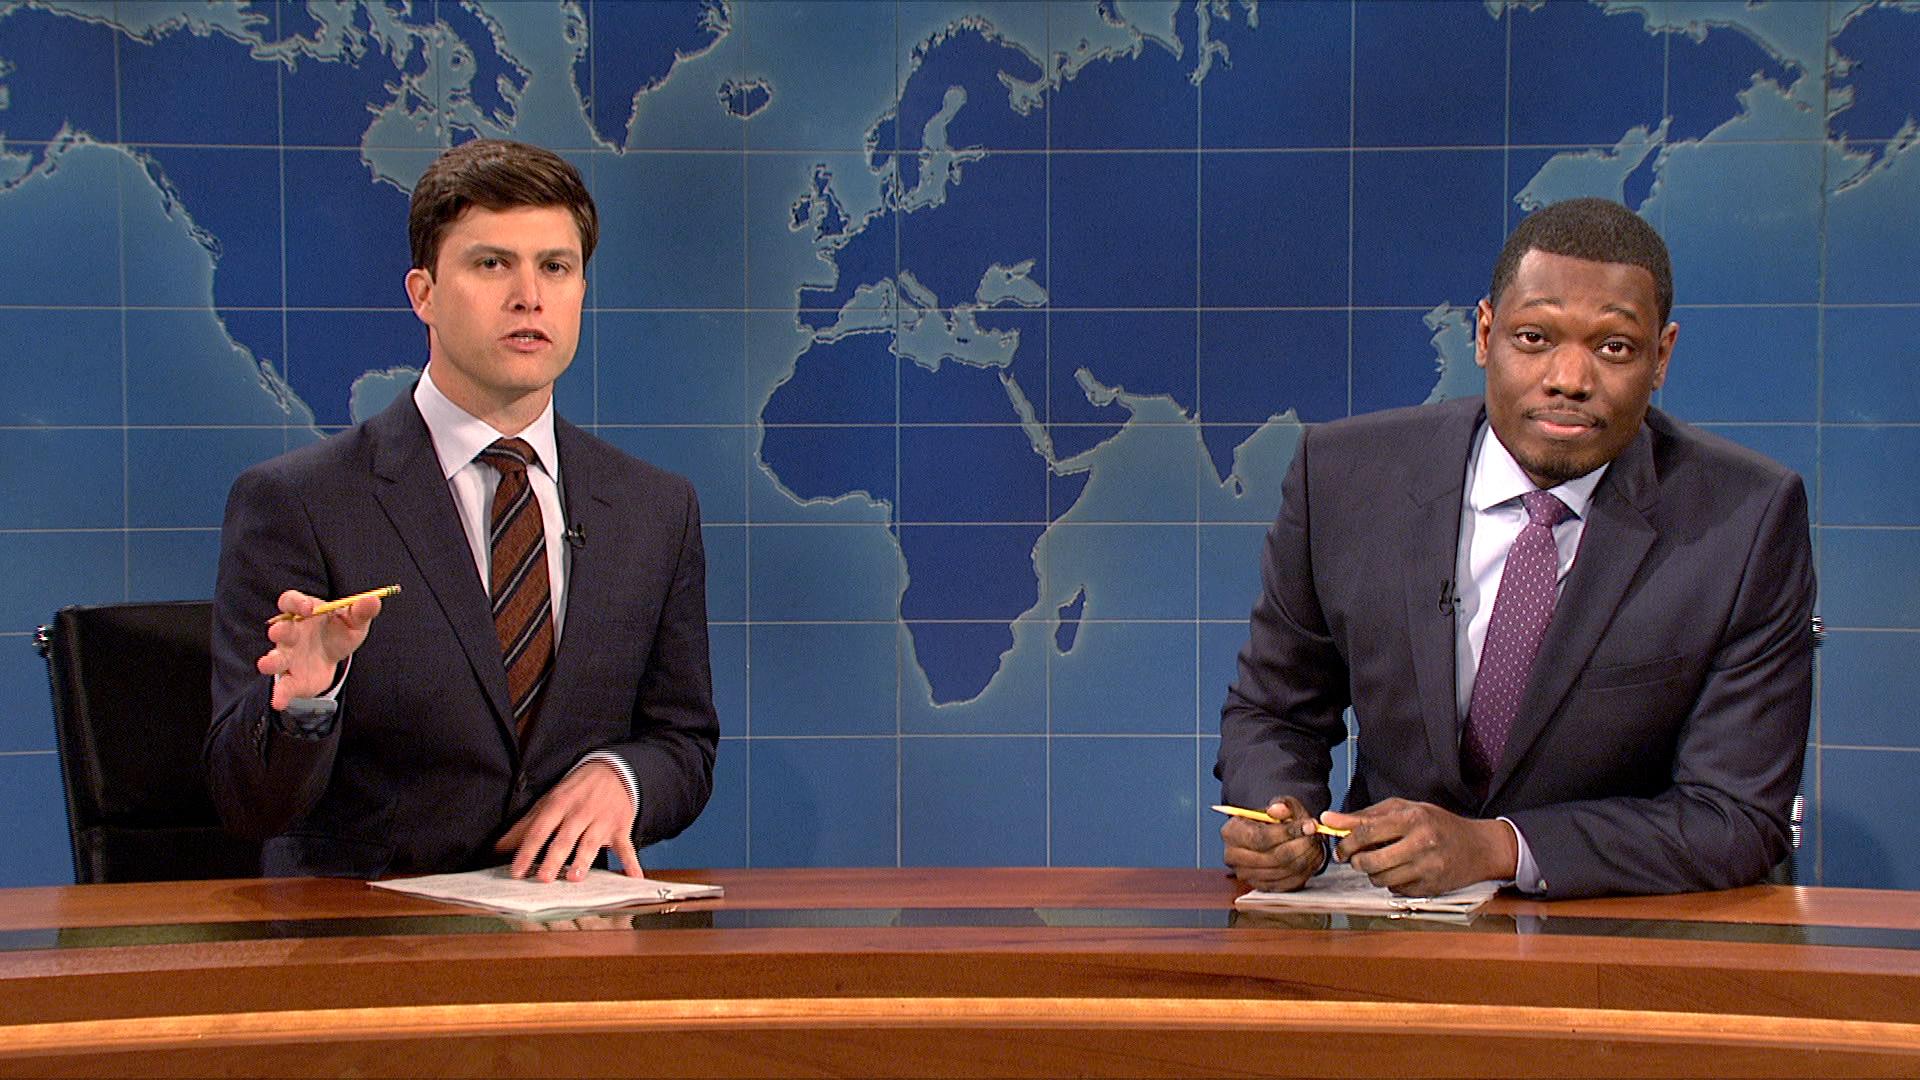 Watch Weekend Update: Colin Jost and Michael Che Talk Gun ...